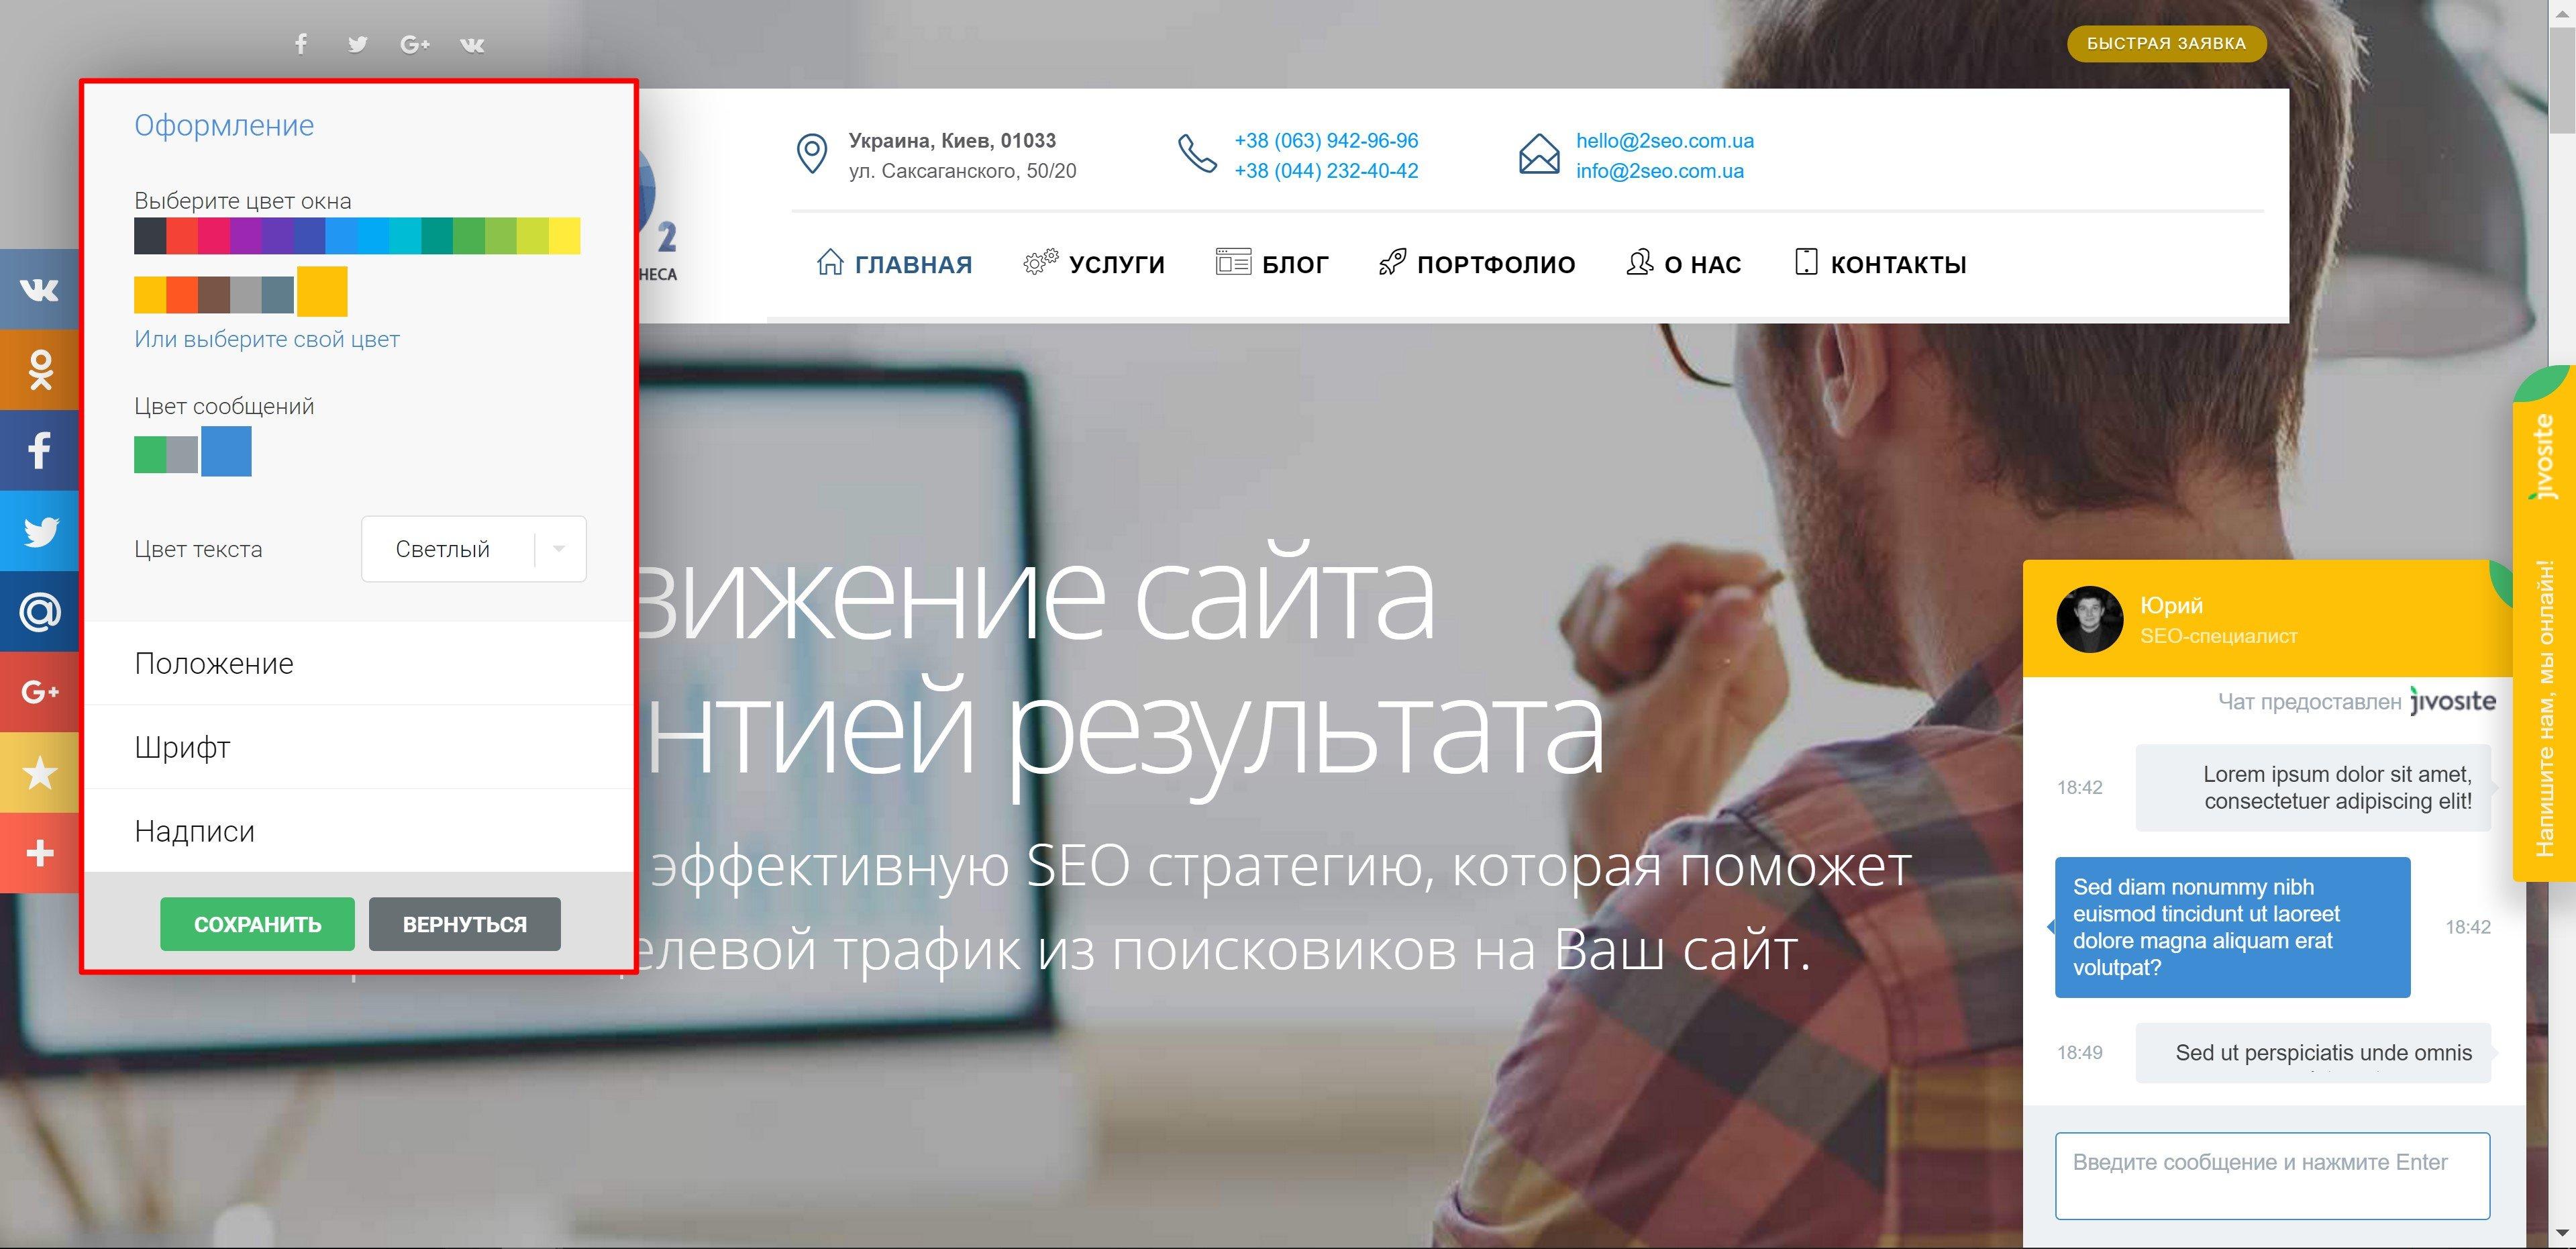 jivosite-check-full-2seo-com-ua JivoSite – мощный инструмент коммуникации с клиентом, картинка, фото, изображение